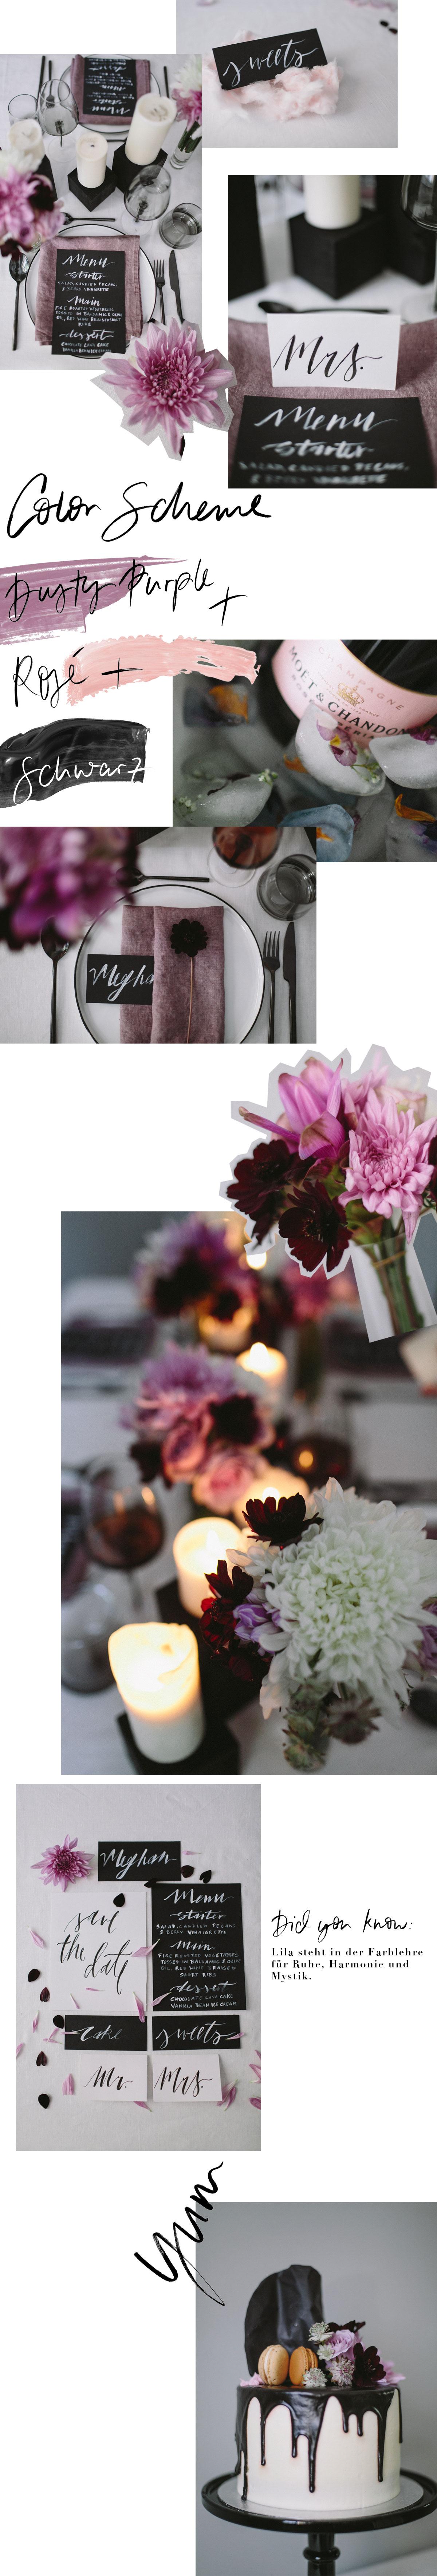 Collage-Dusty-Purple.jpg